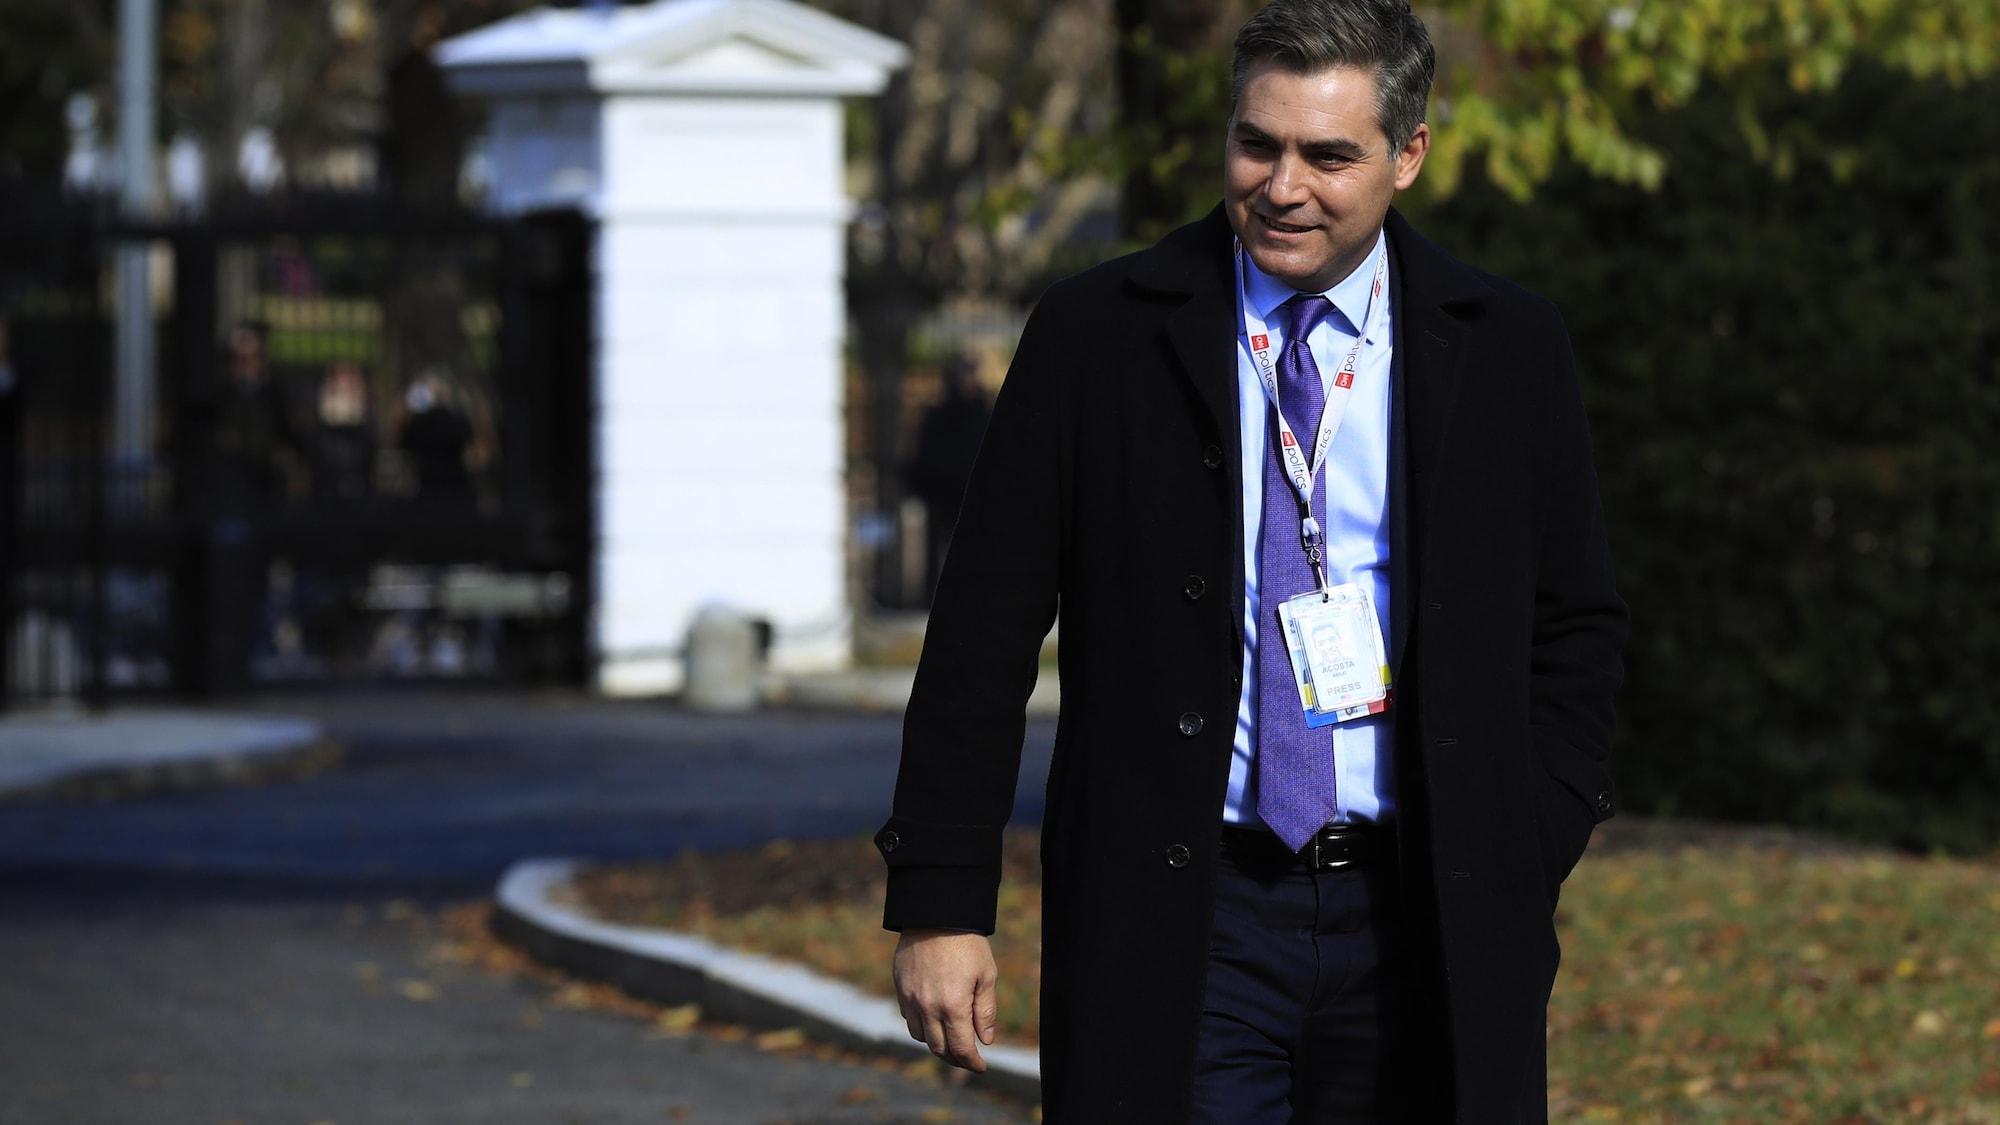 Jim Acosta marche à l'extérieur de la Maison-Blanche.